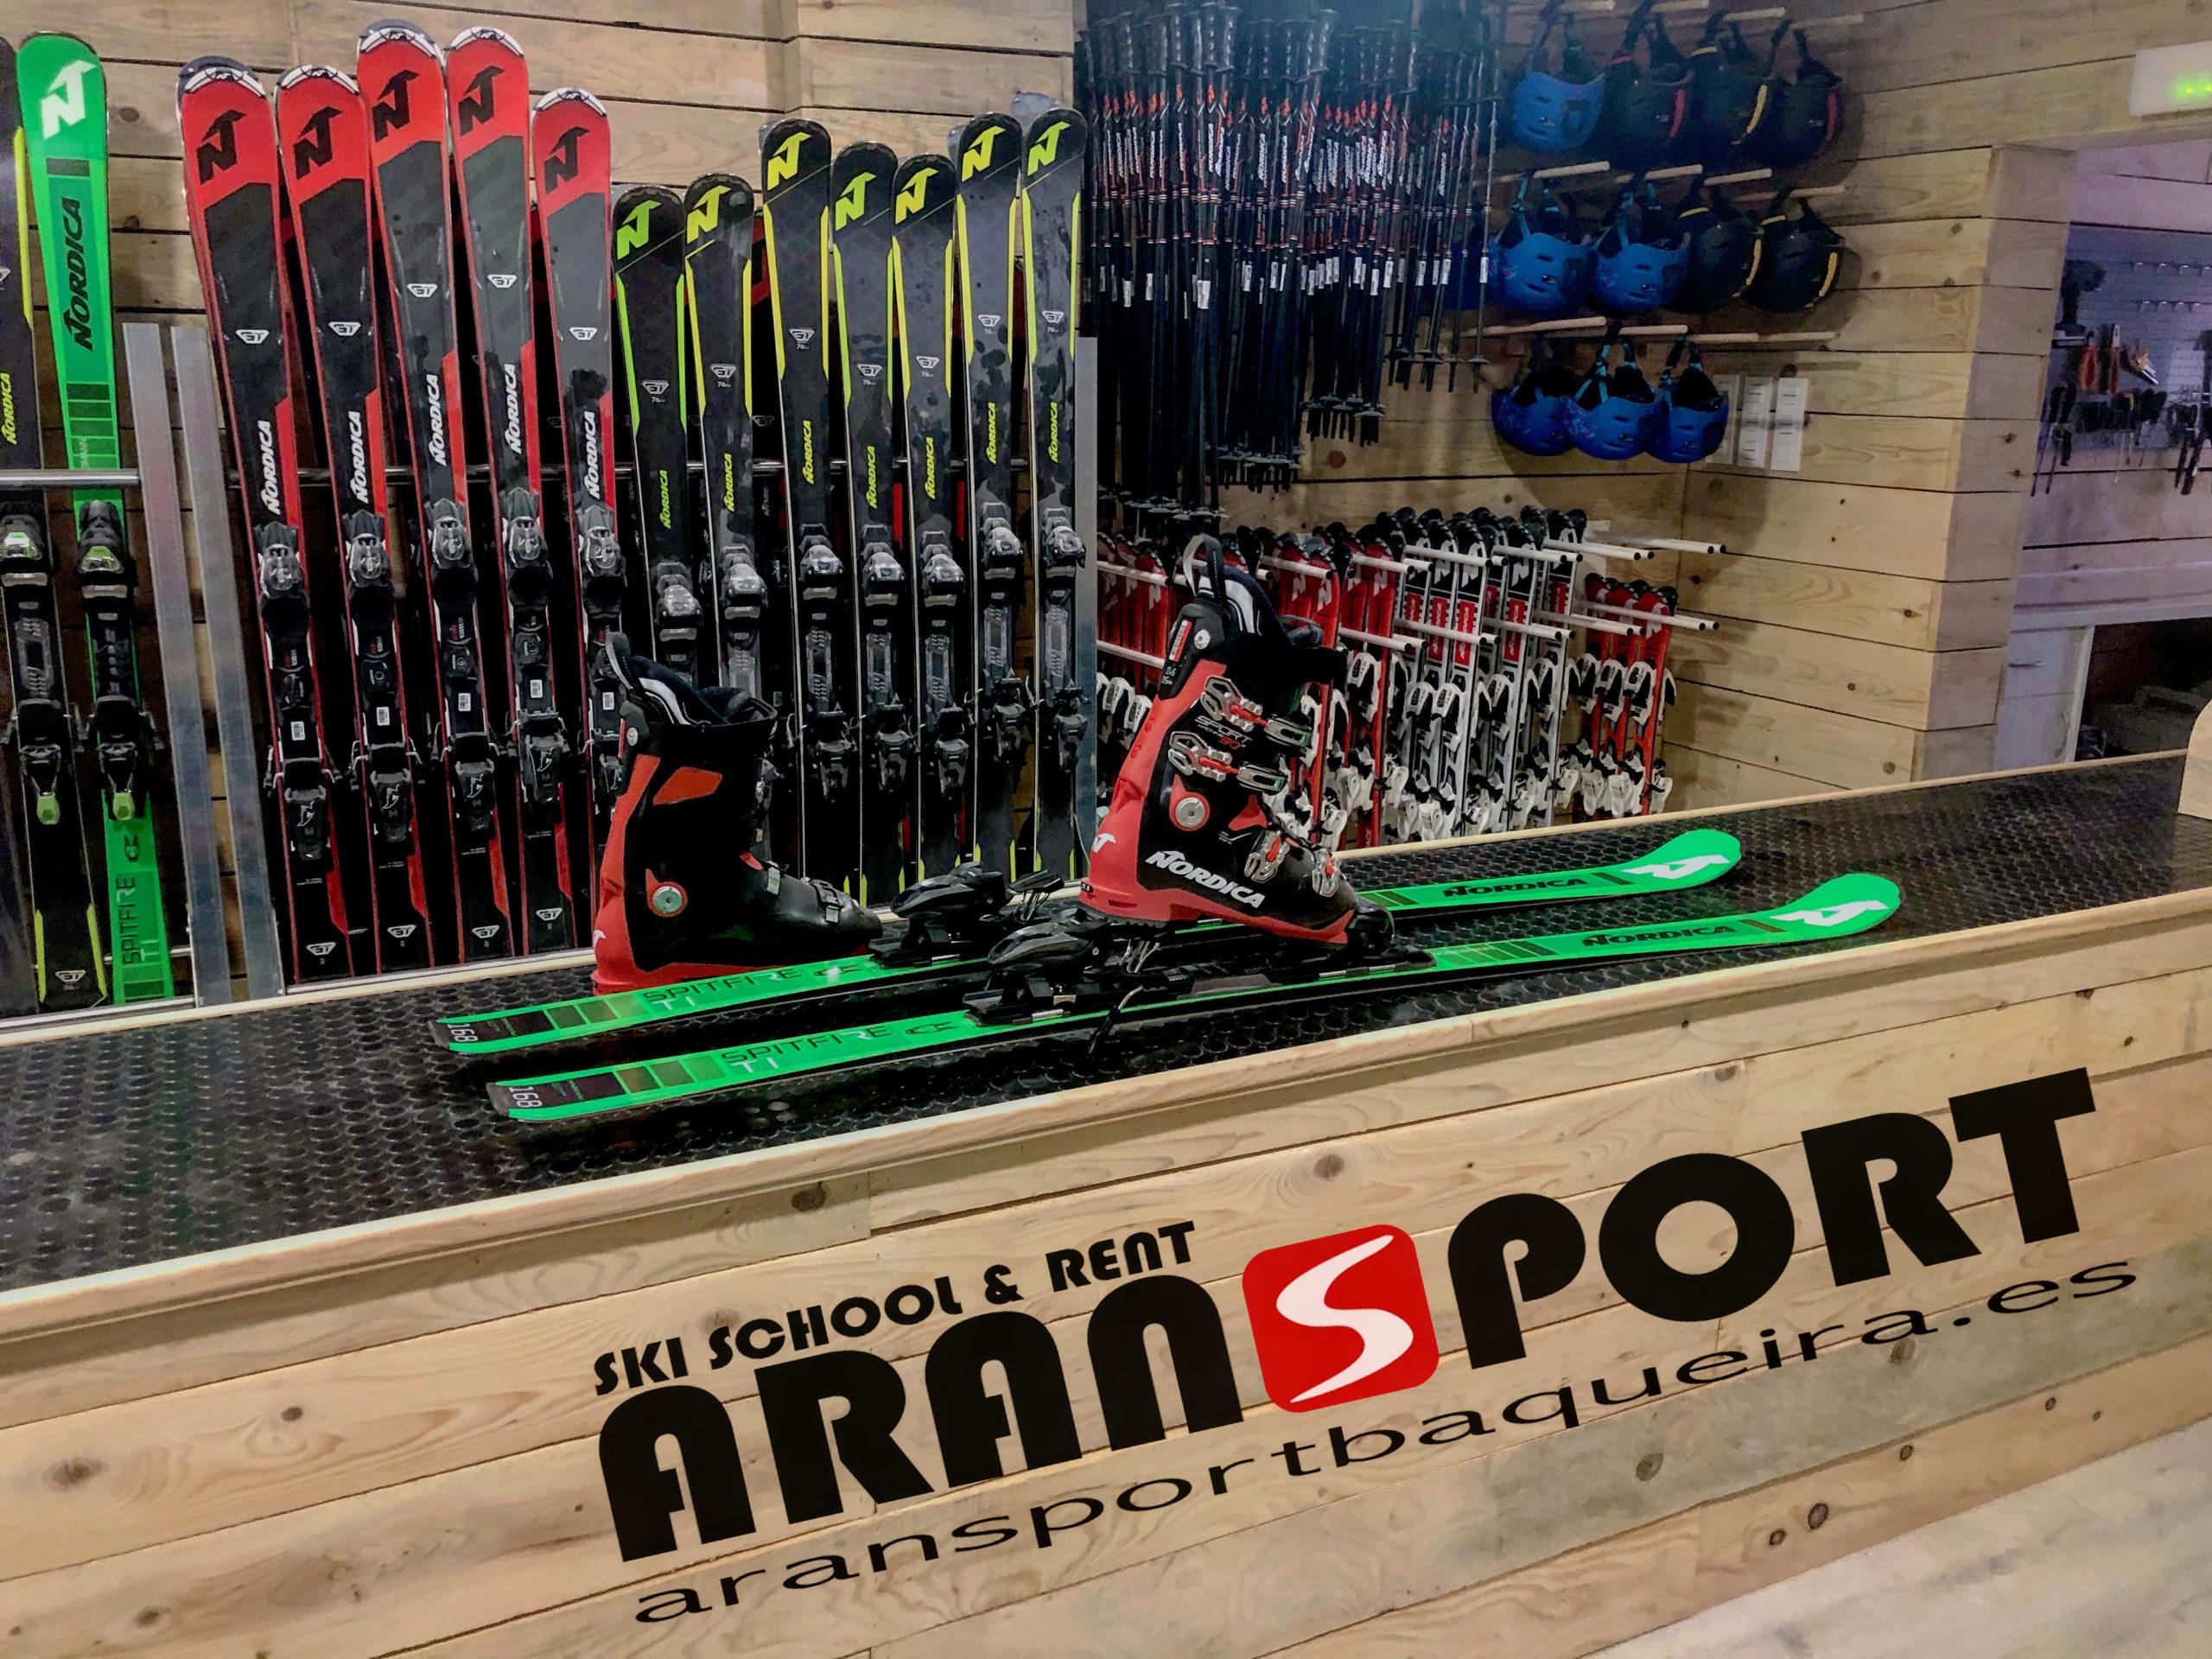 En este momento estás viendo Nueva Escuela/ Tienda / Alquiler de esquís en Vielha Val d'Aran.